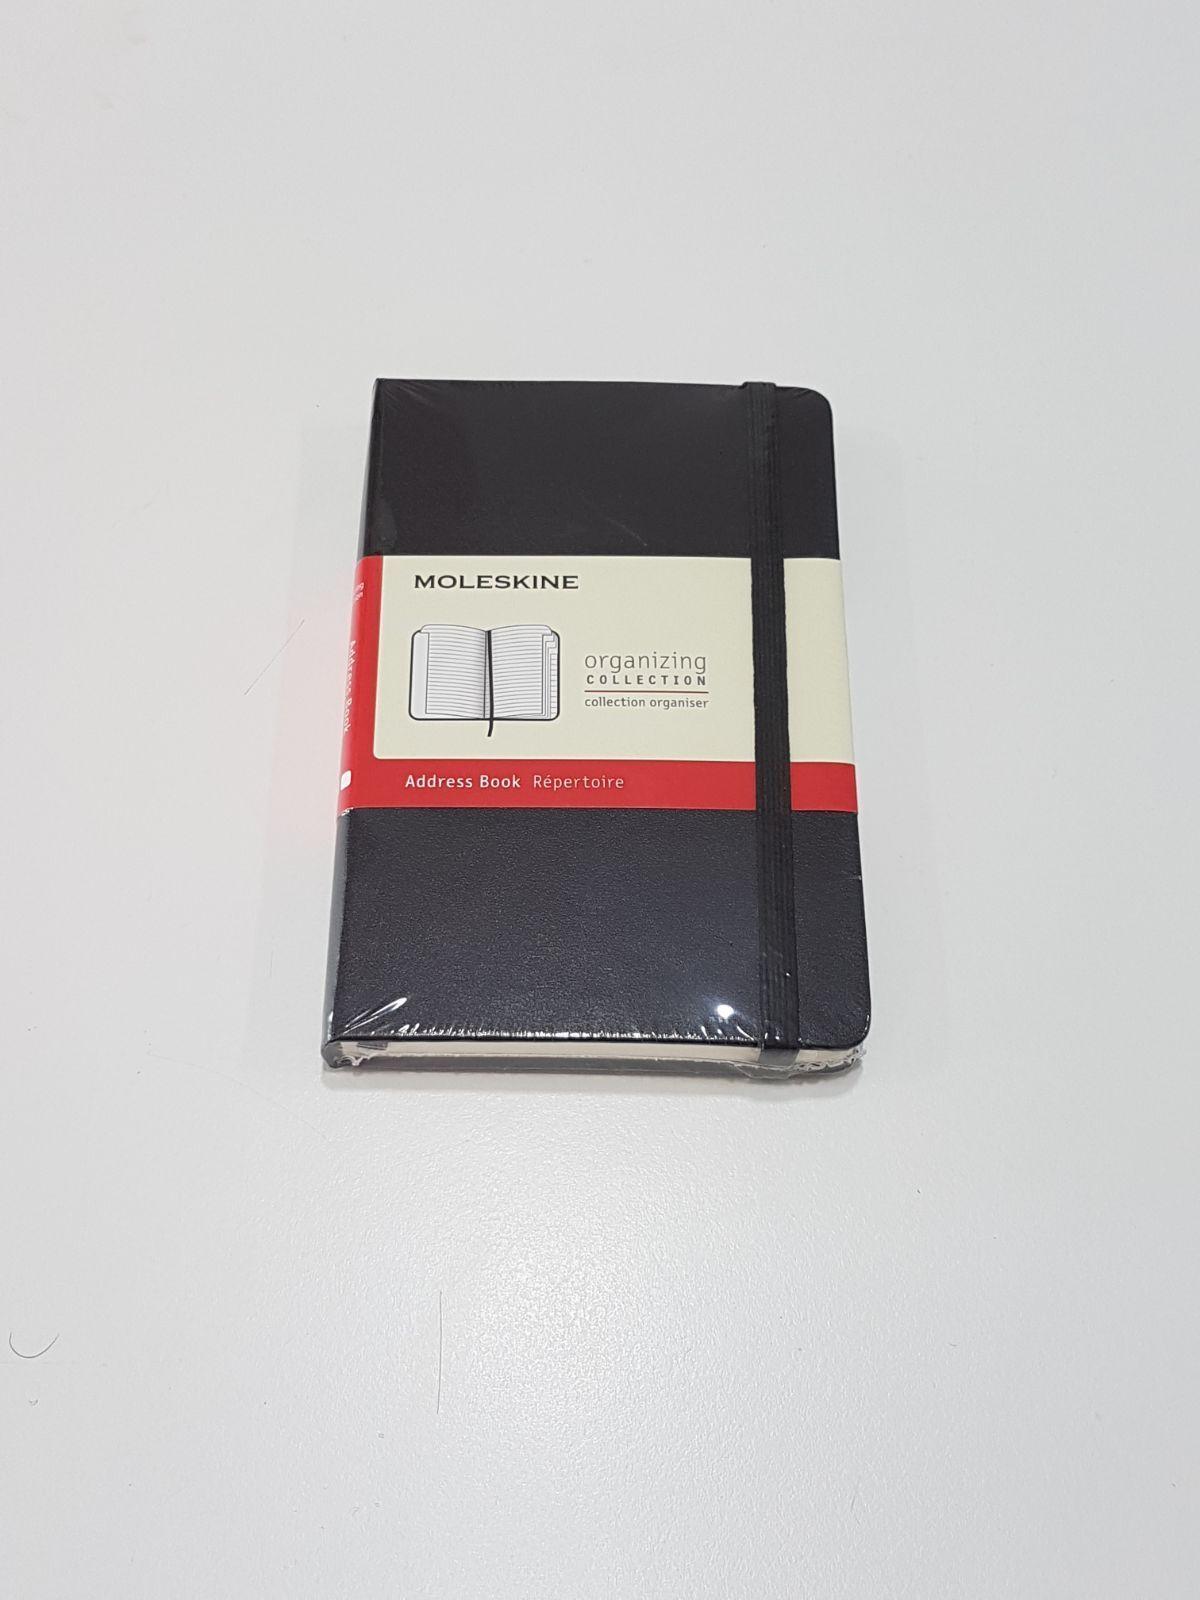 Moleskine - Address Book - Rubrica -  9x14cm - Nero - Pocket